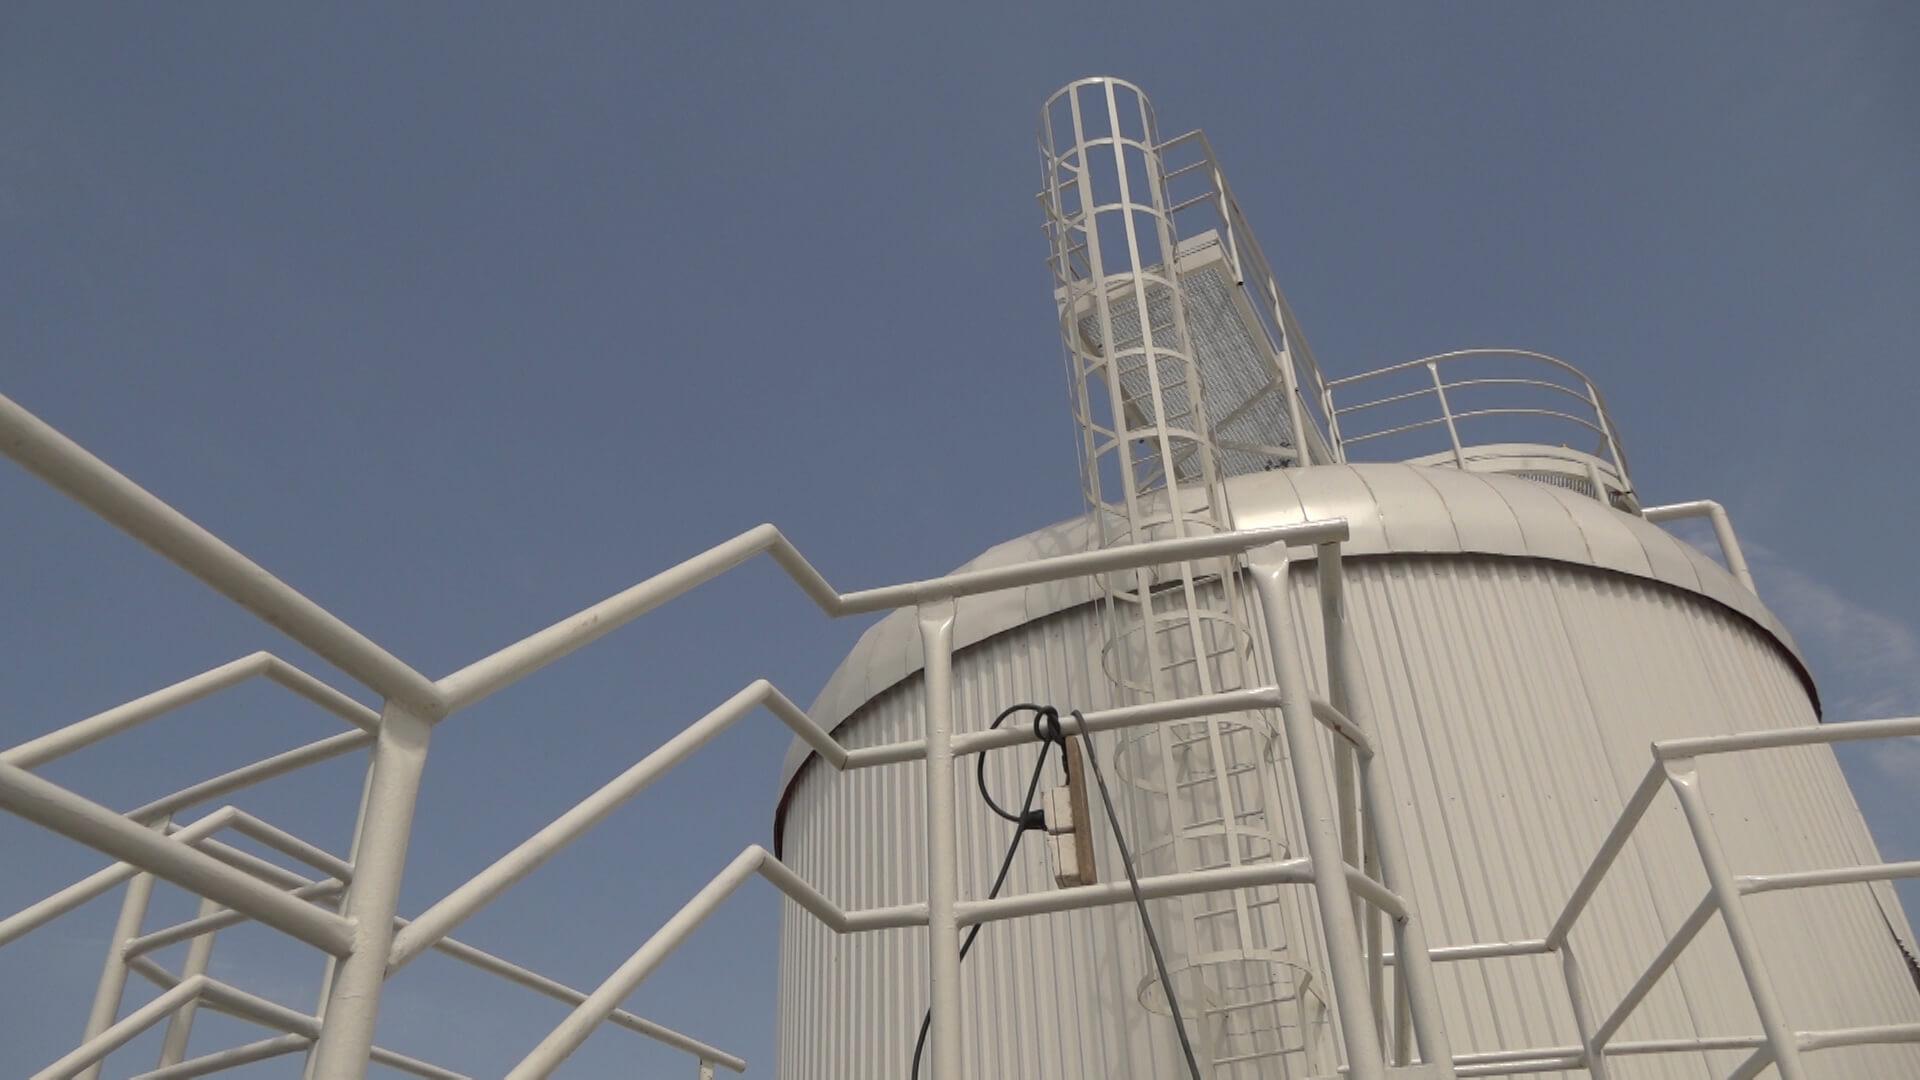 Sunoko biogasno postrojenje (7)